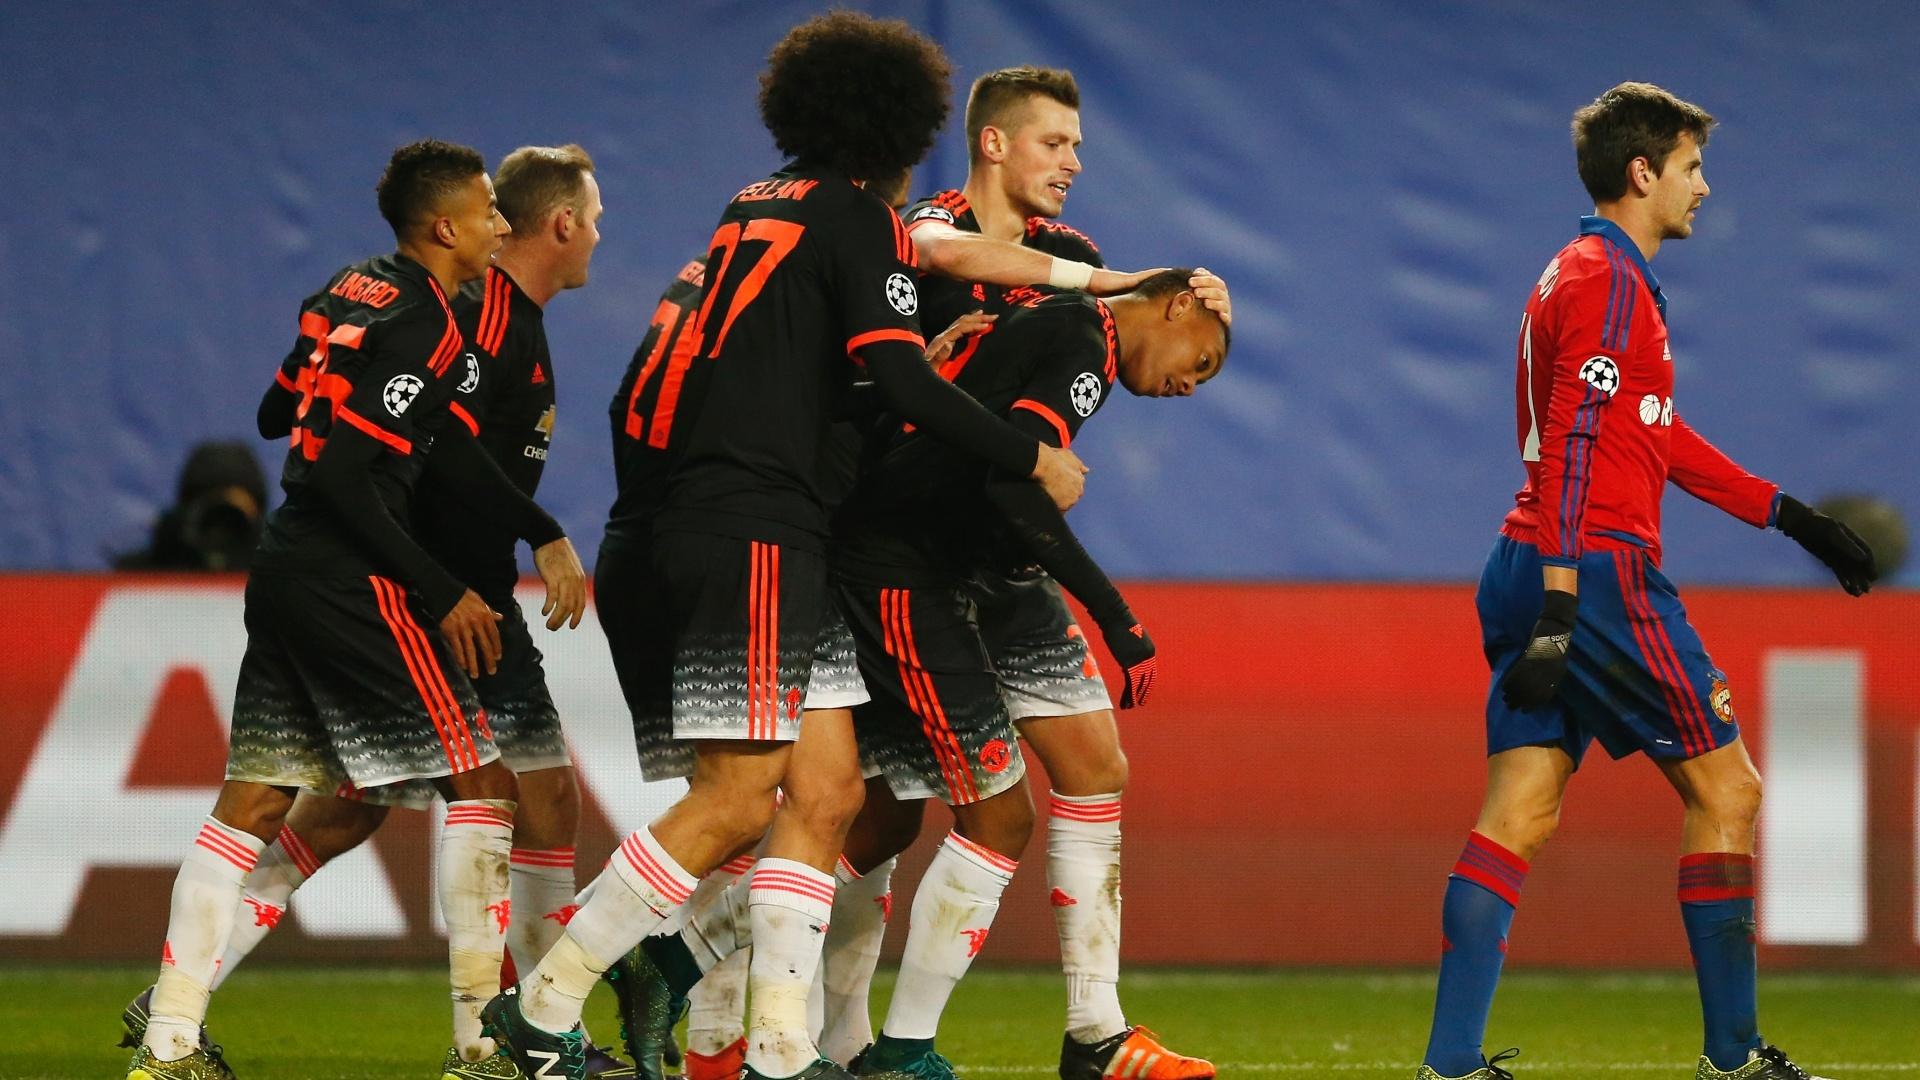 Martial recebe os cumprimentos dos companheiros após marcar para o Manchester United contra o CSKA pela Liga dos Campeões